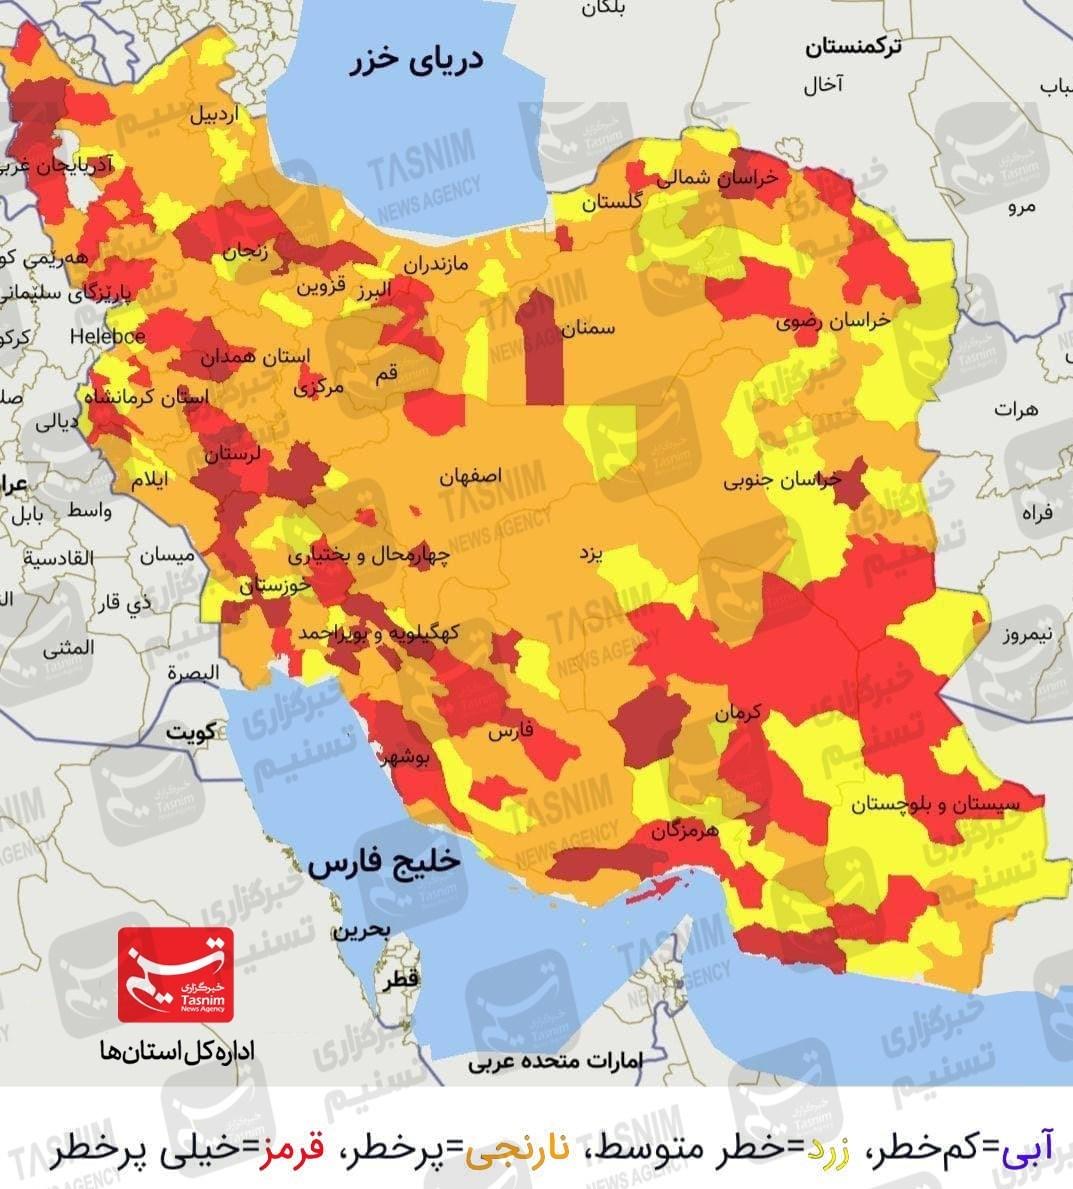 جدیدترین اخبار کرونا در ایران| بیماریابی فعال پاشنه آشیل شکست ویروس منحوس/ فوت ماهانه ۴۸۸۱ نفر /کاهش ۵۱ درصدی شهرستانهای قرمز/ هر ۴ دقیقه یک مورد فوتی + نقشه و نمودار